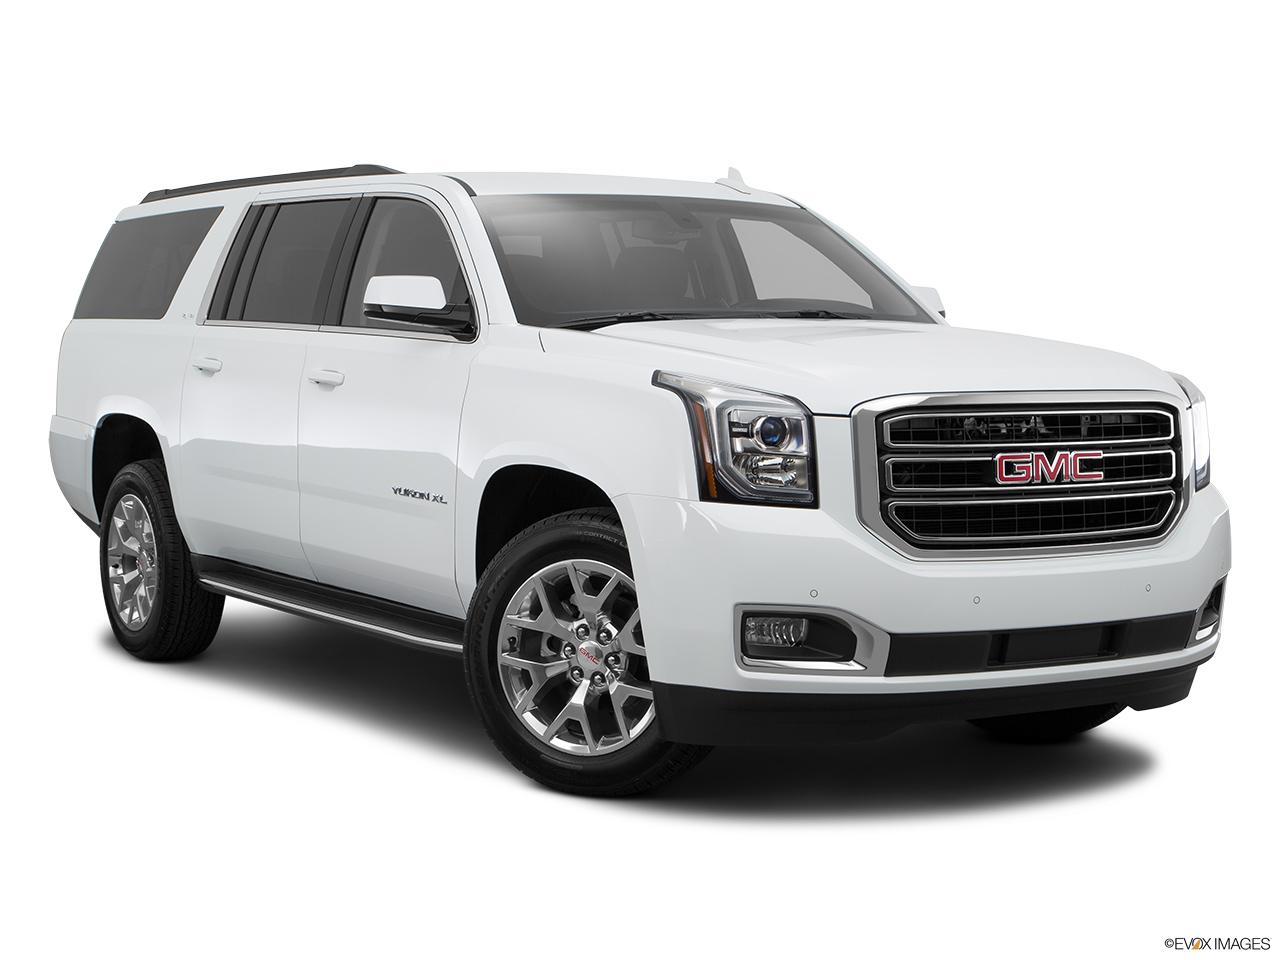 Car Pictures List for GMC Yukon XL 2018 5.3L SLT (Oman) | YallaMotor